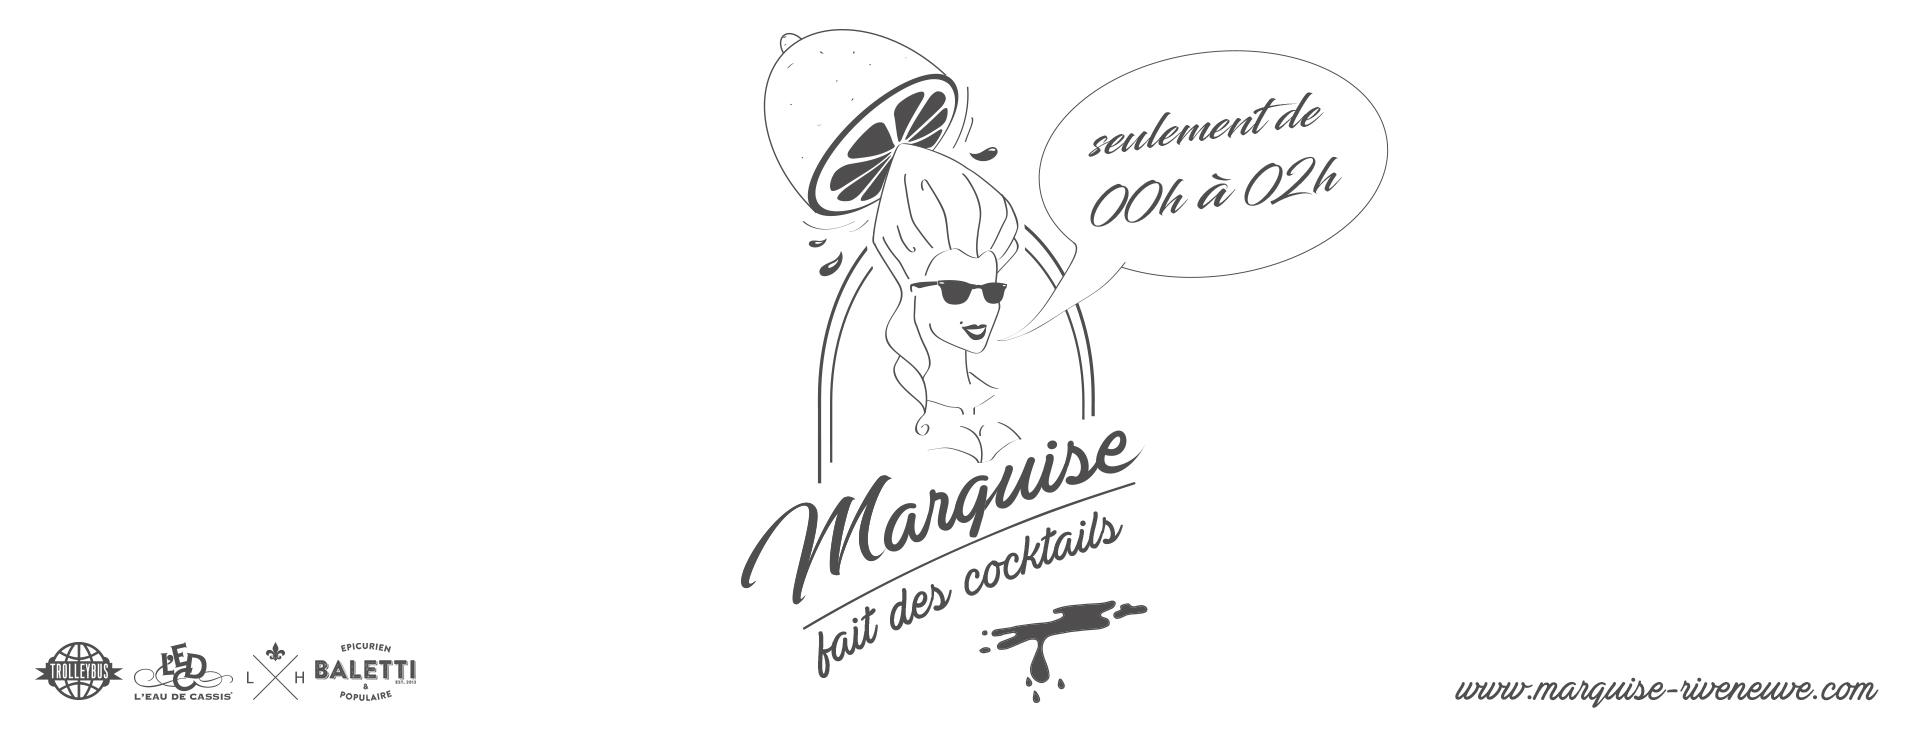 Marquise cocktails PROGRAMME du 27 au 29 Juillet